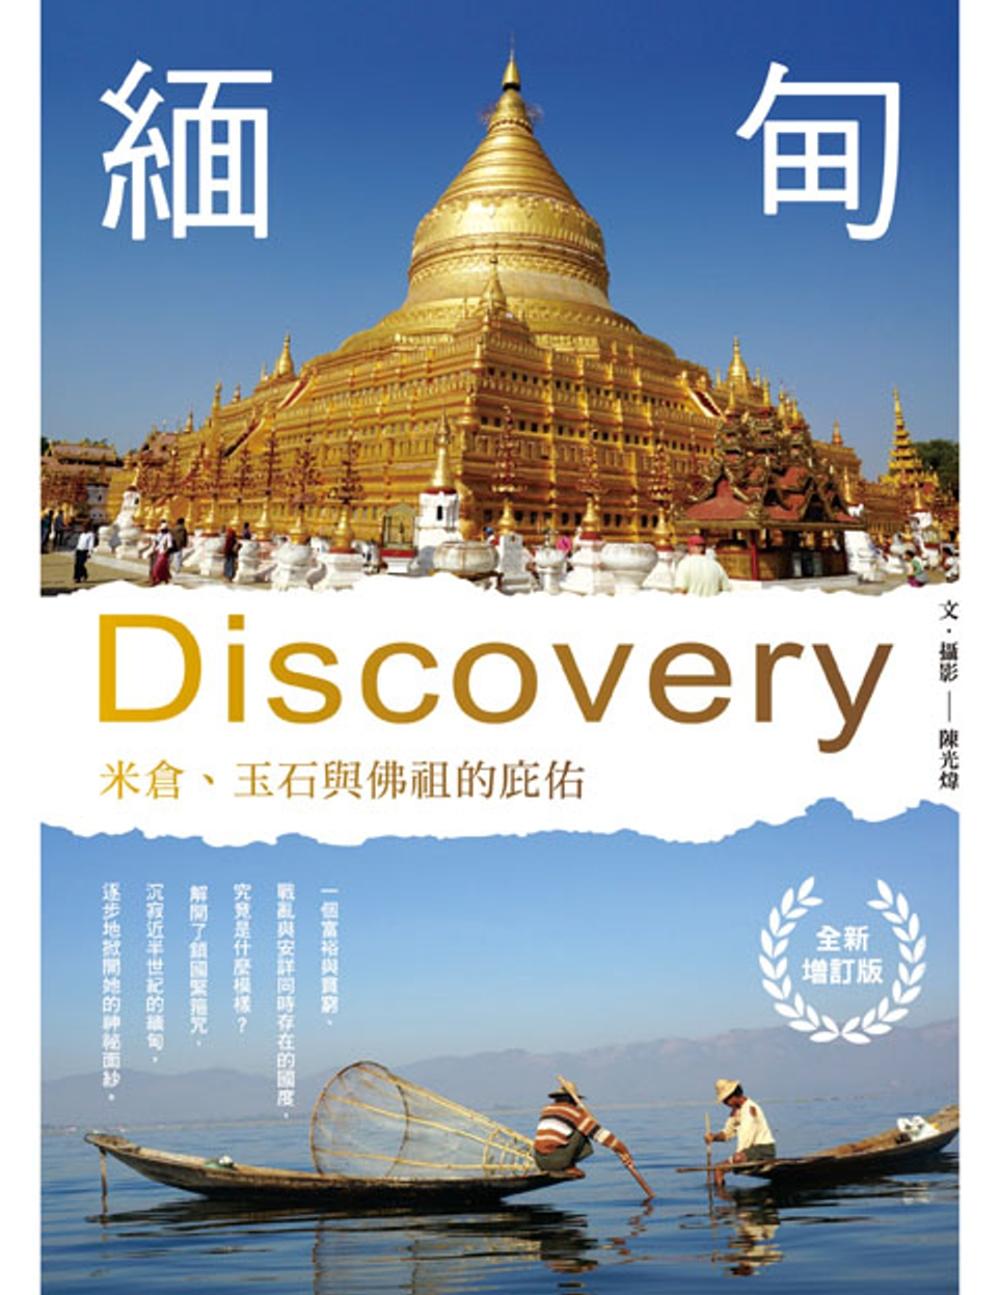 緬甸Discovery:米倉、...